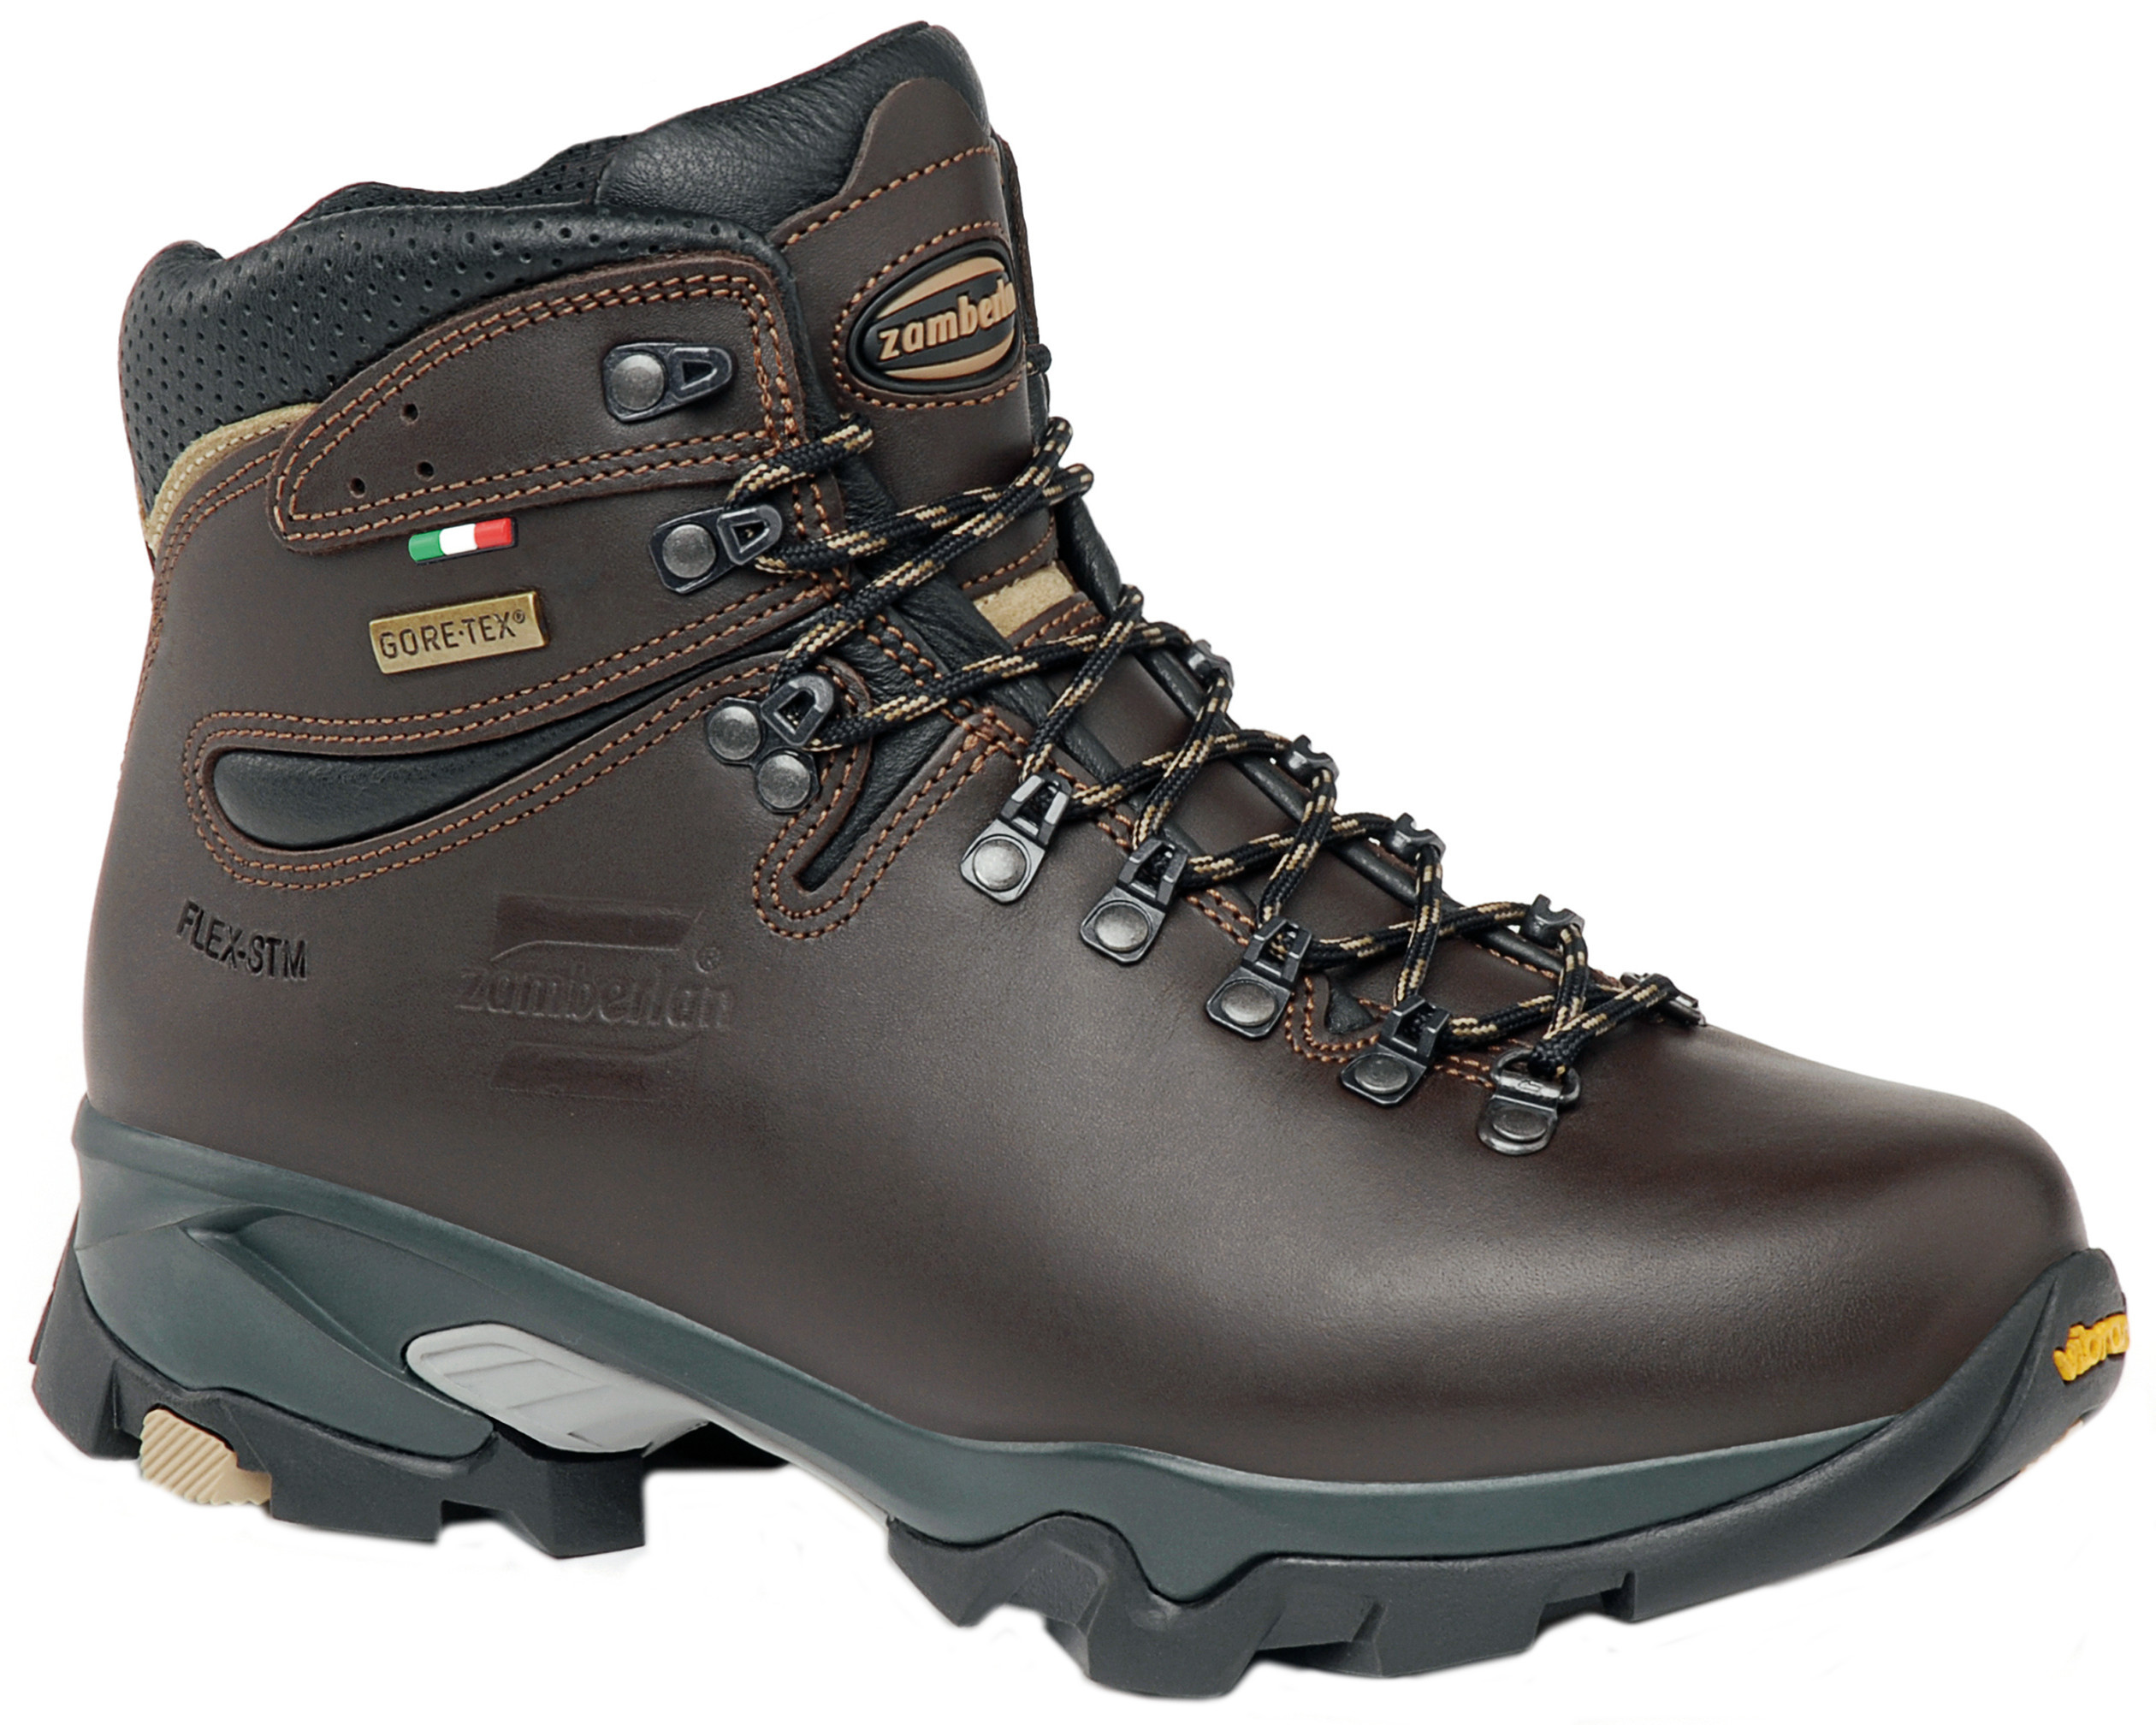 f913c3e3ea4 Zamberlan 996 Vioz GTX Backpacking Boots - Women's